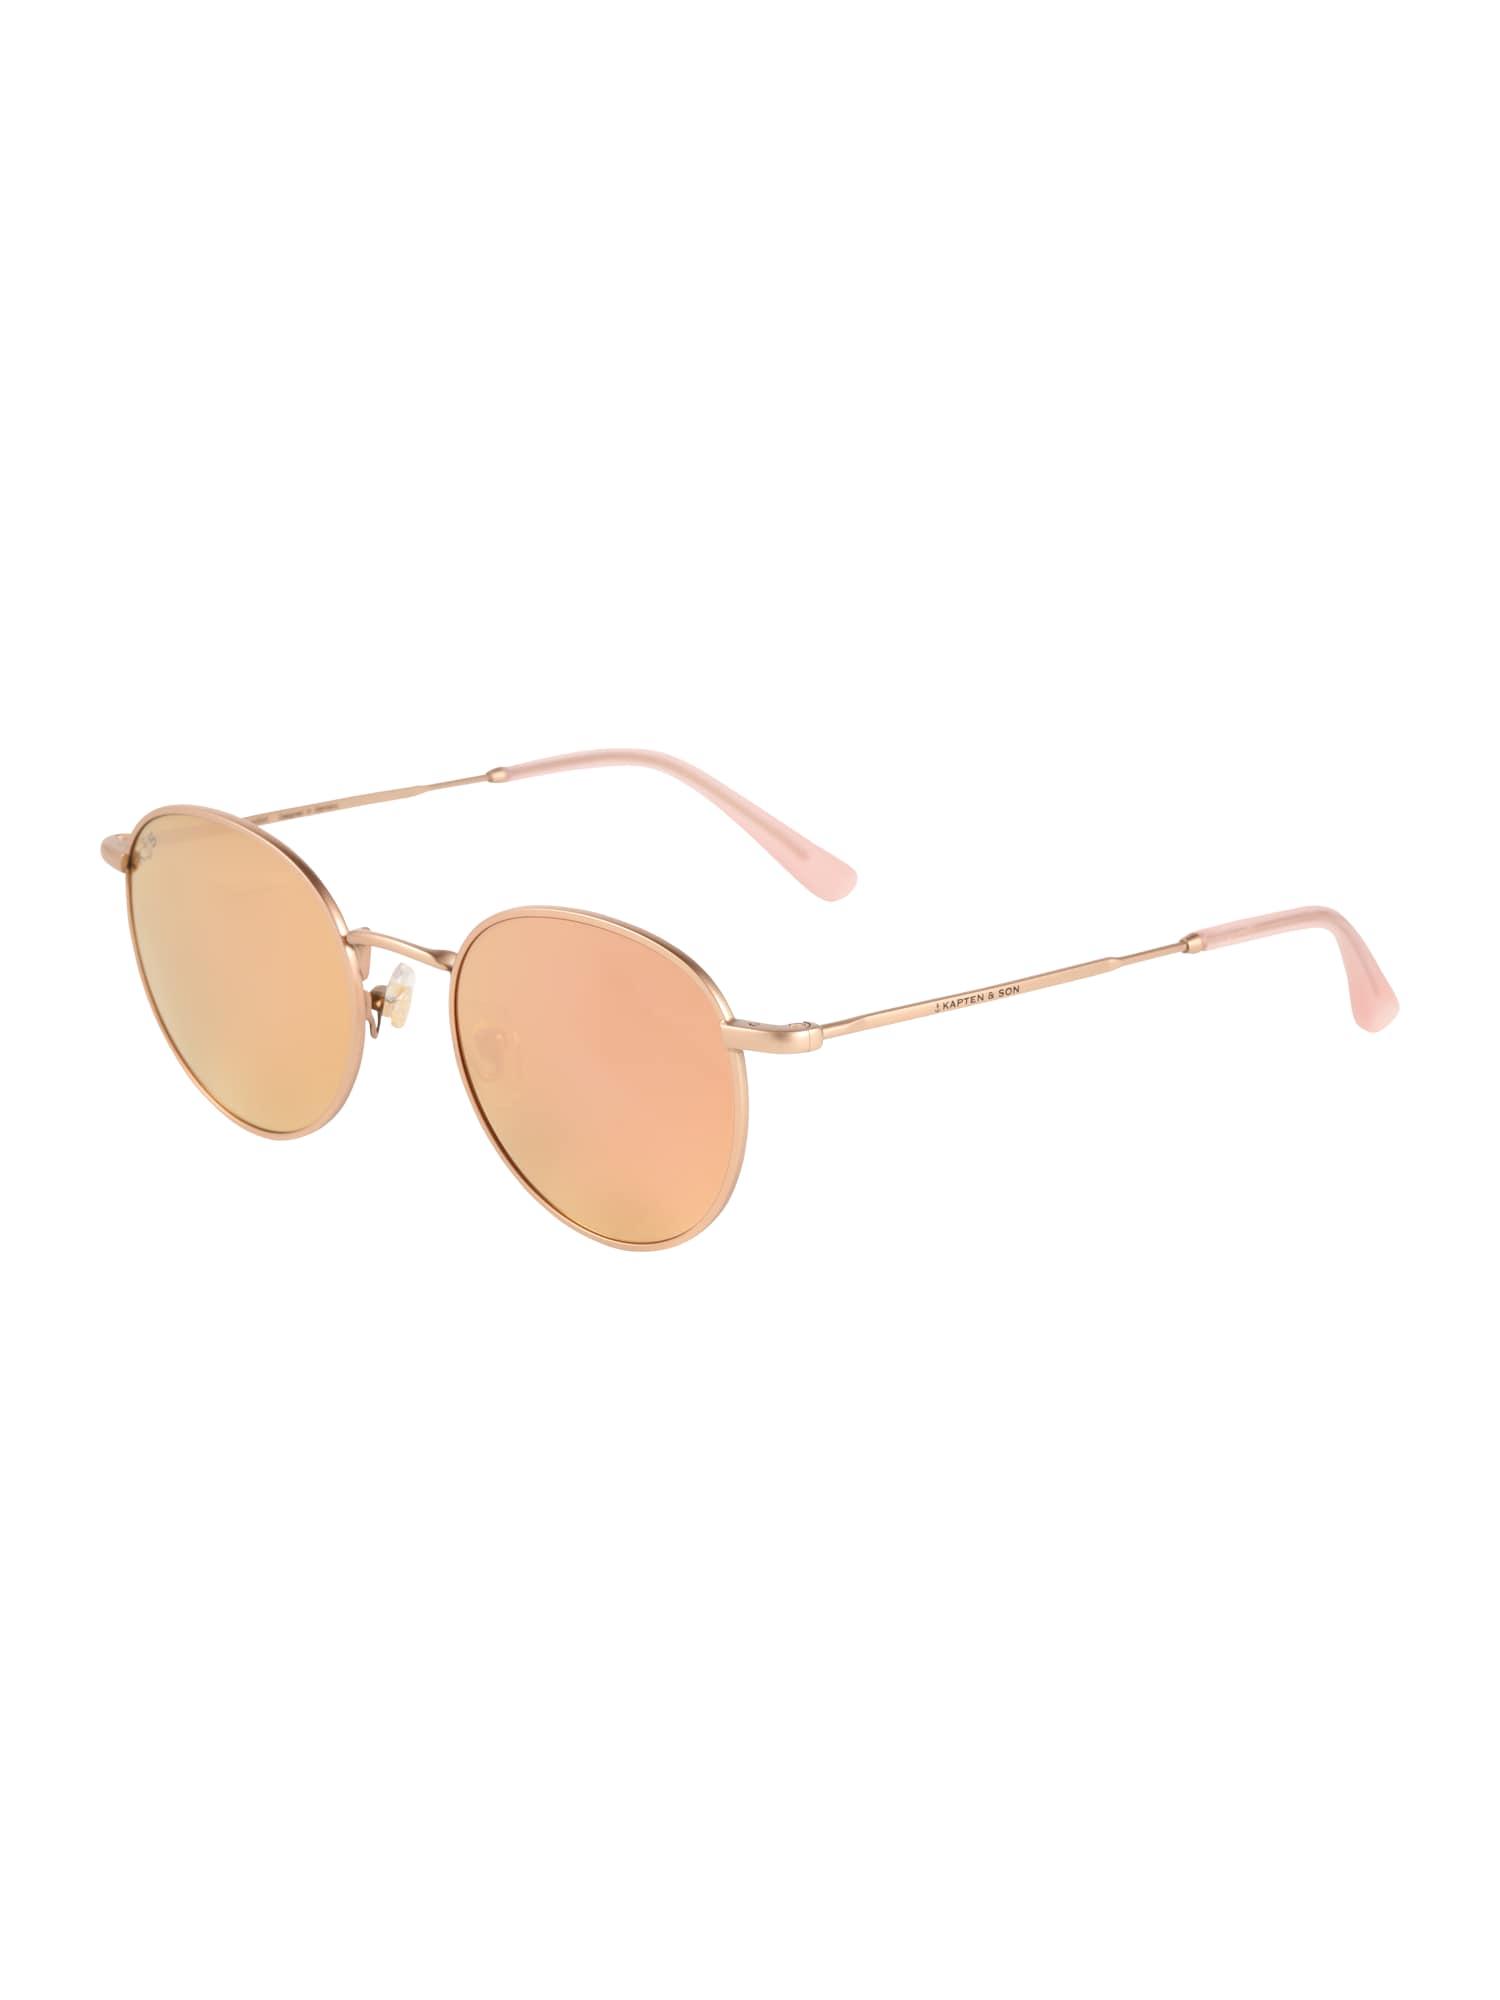 Sluneční brýle London bronzová růžová Kapten & Son